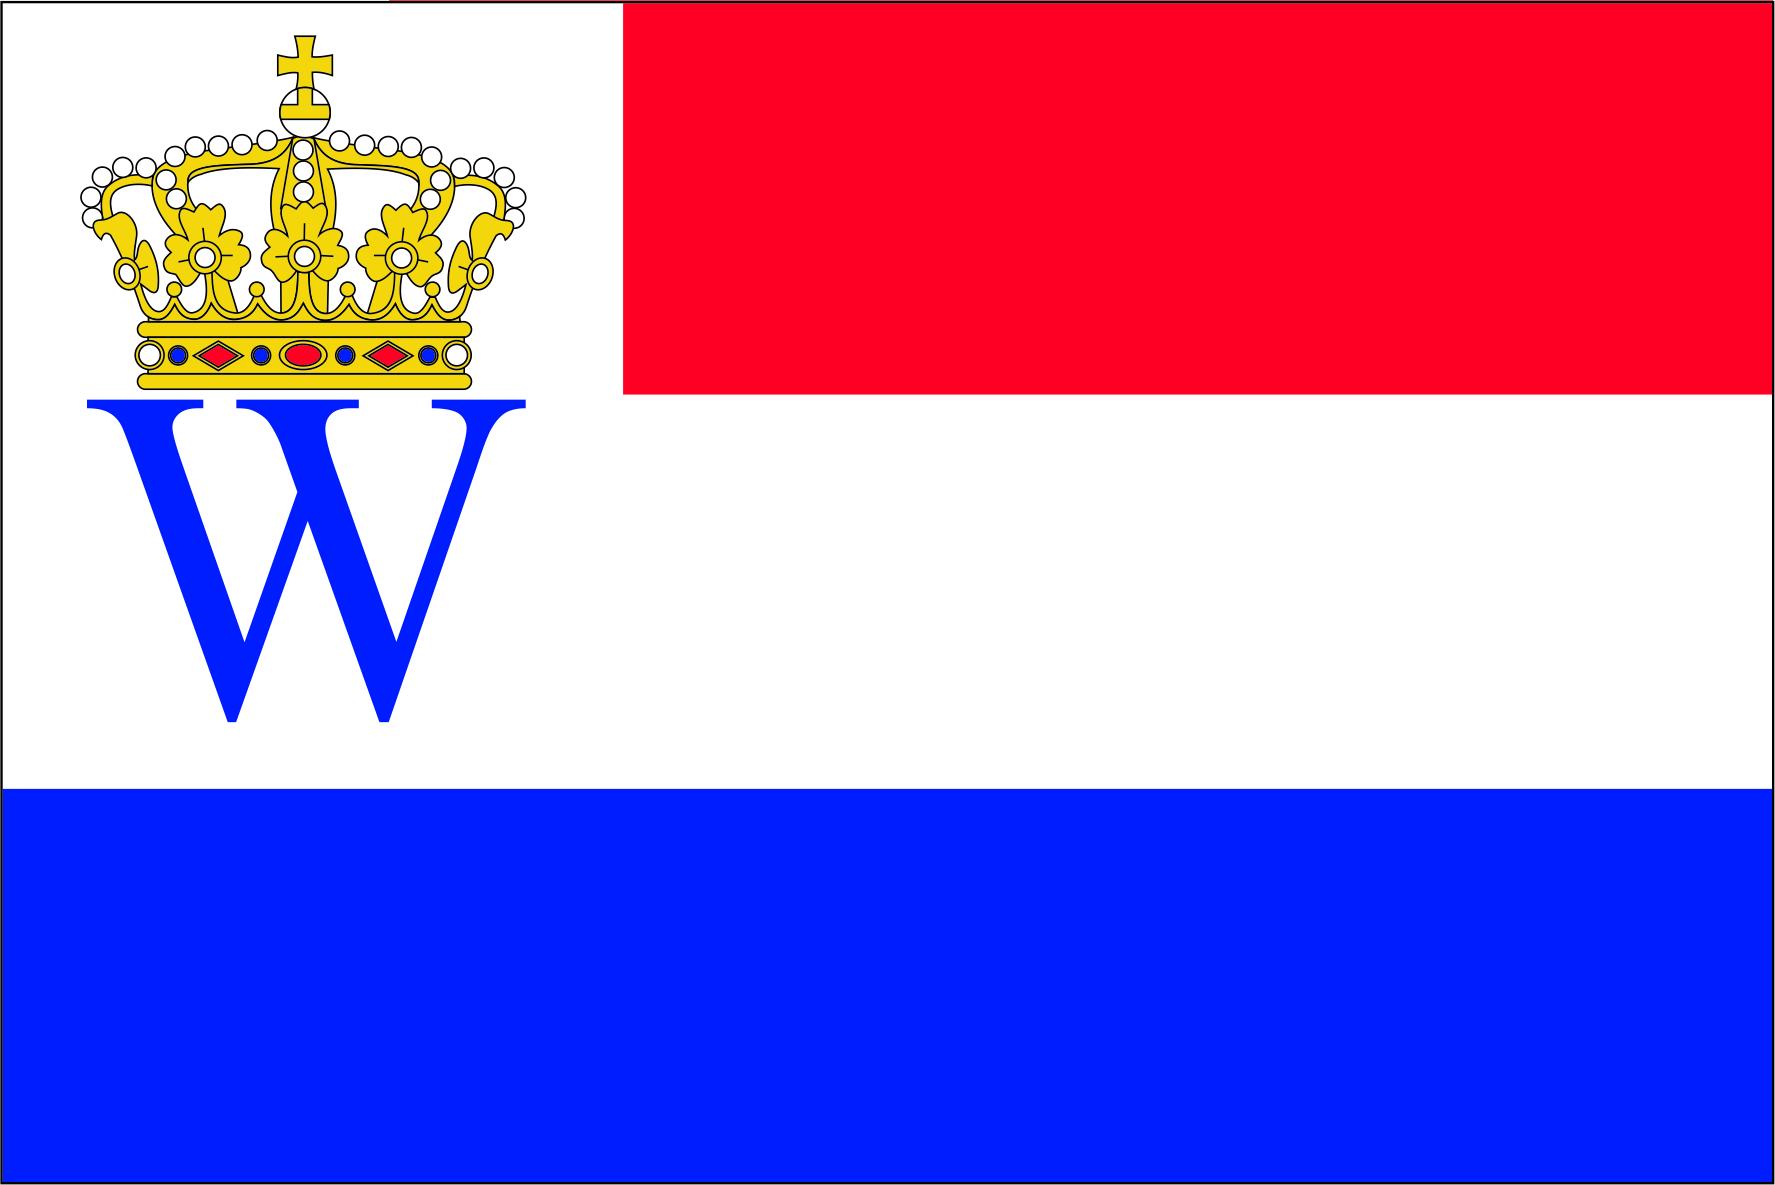 Kroningsvlag kroning Willem IV en Maxima der Nederlanden 70x100cm